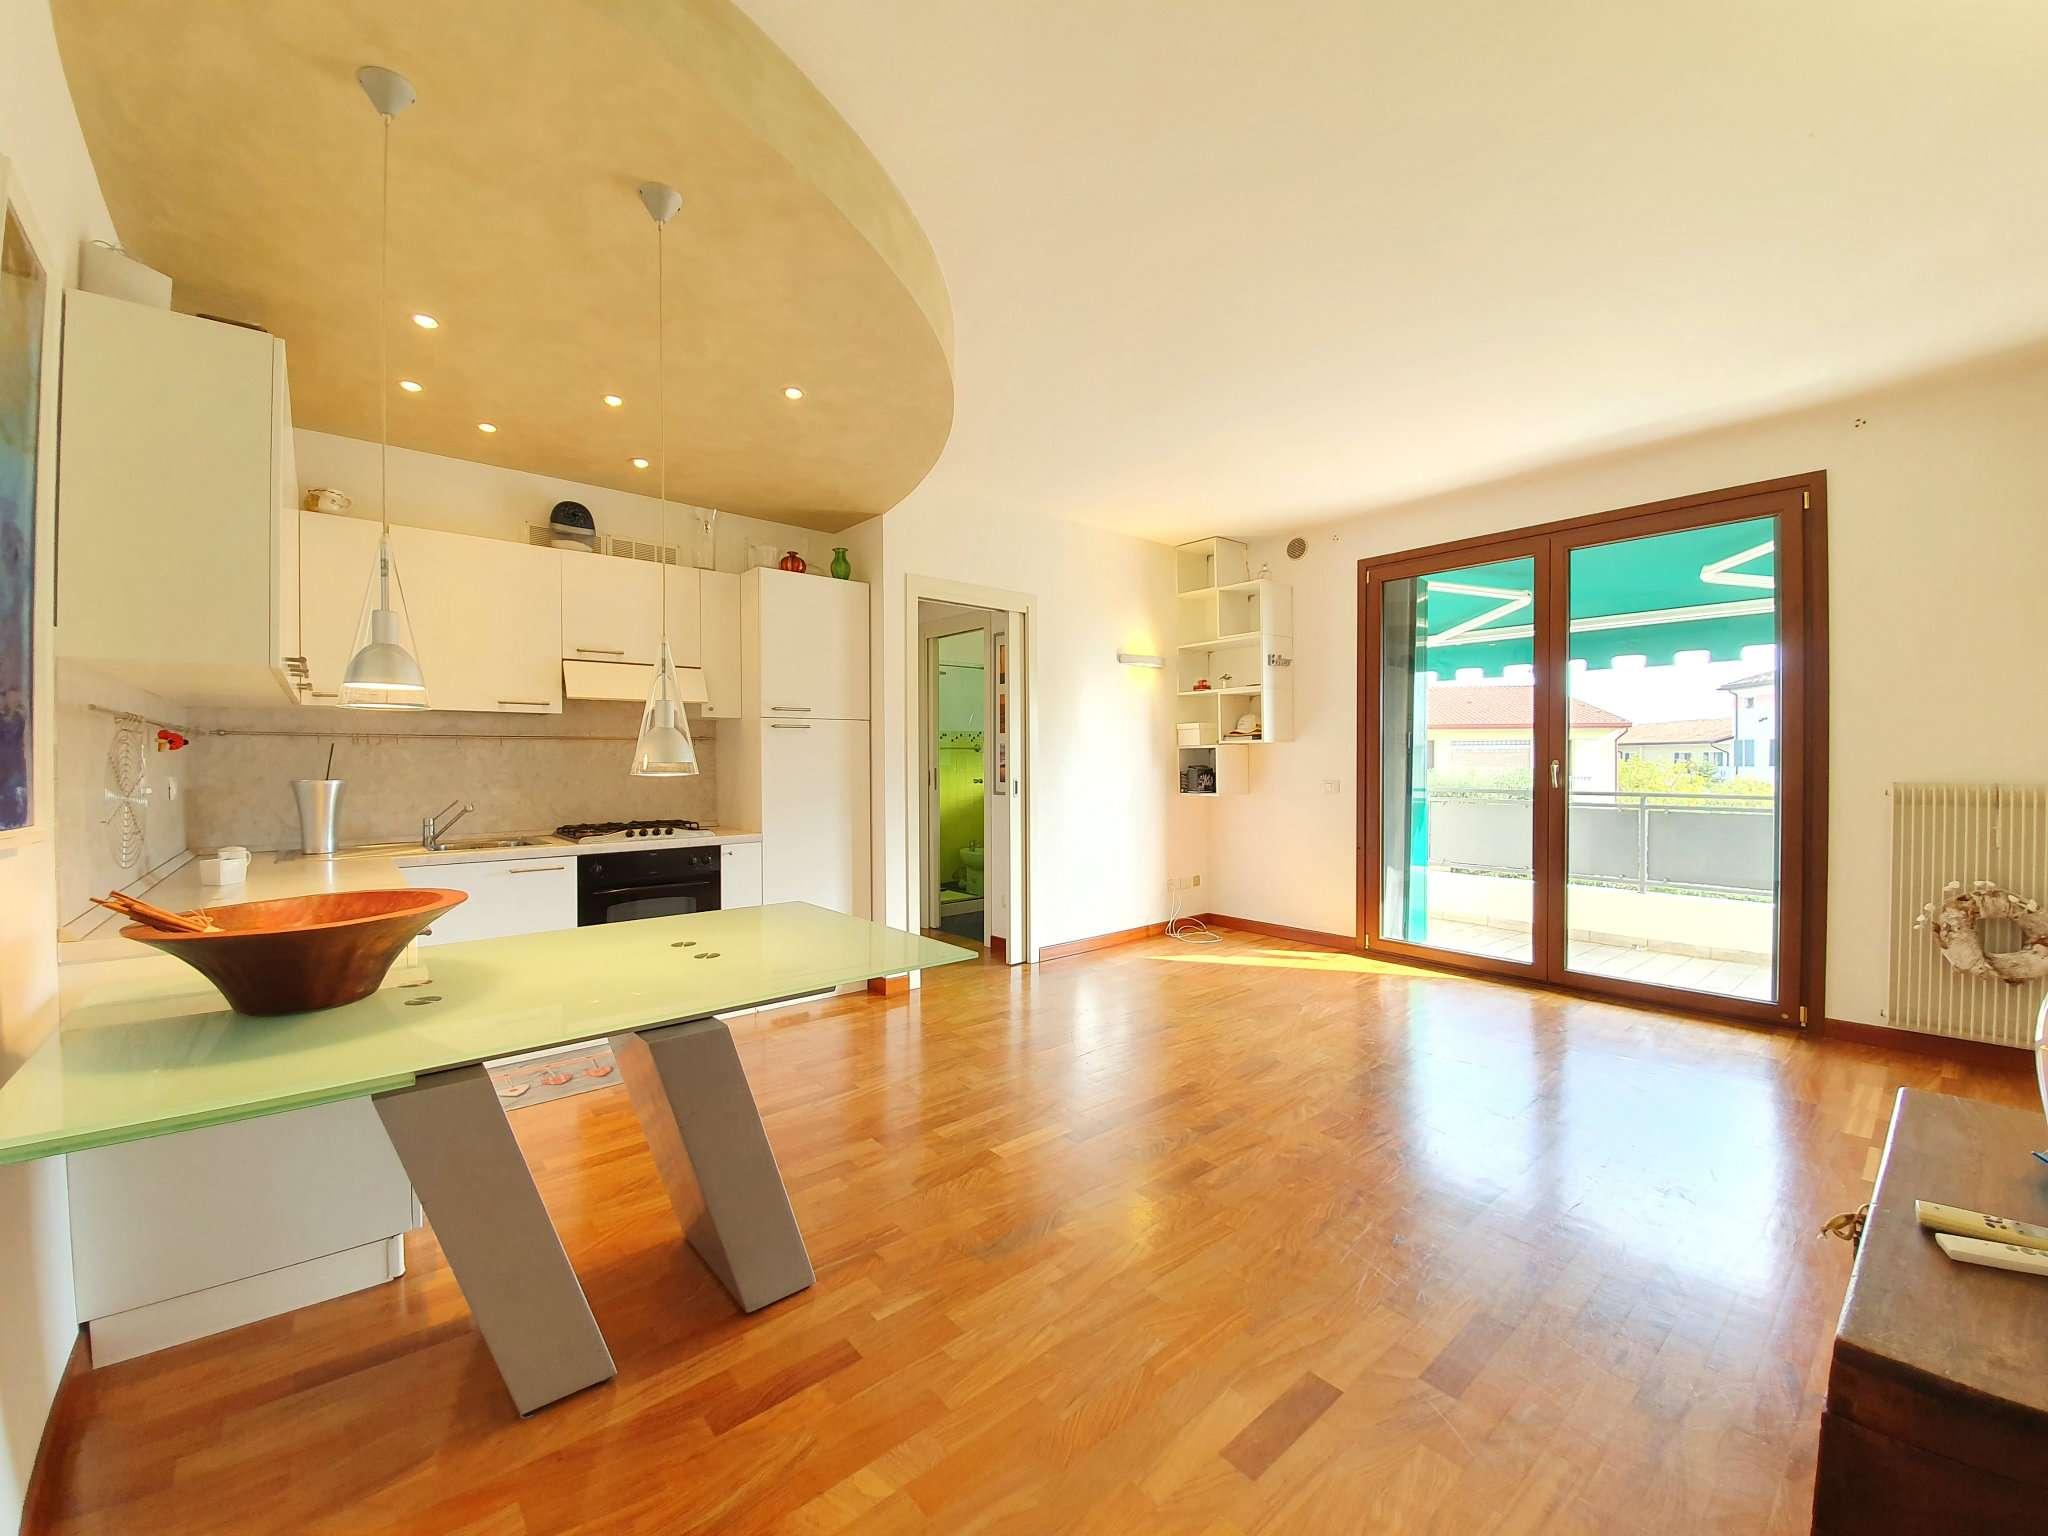 Appartamento in vendita a Oderzo, 2 locali, prezzo € 110.000 | CambioCasa.it